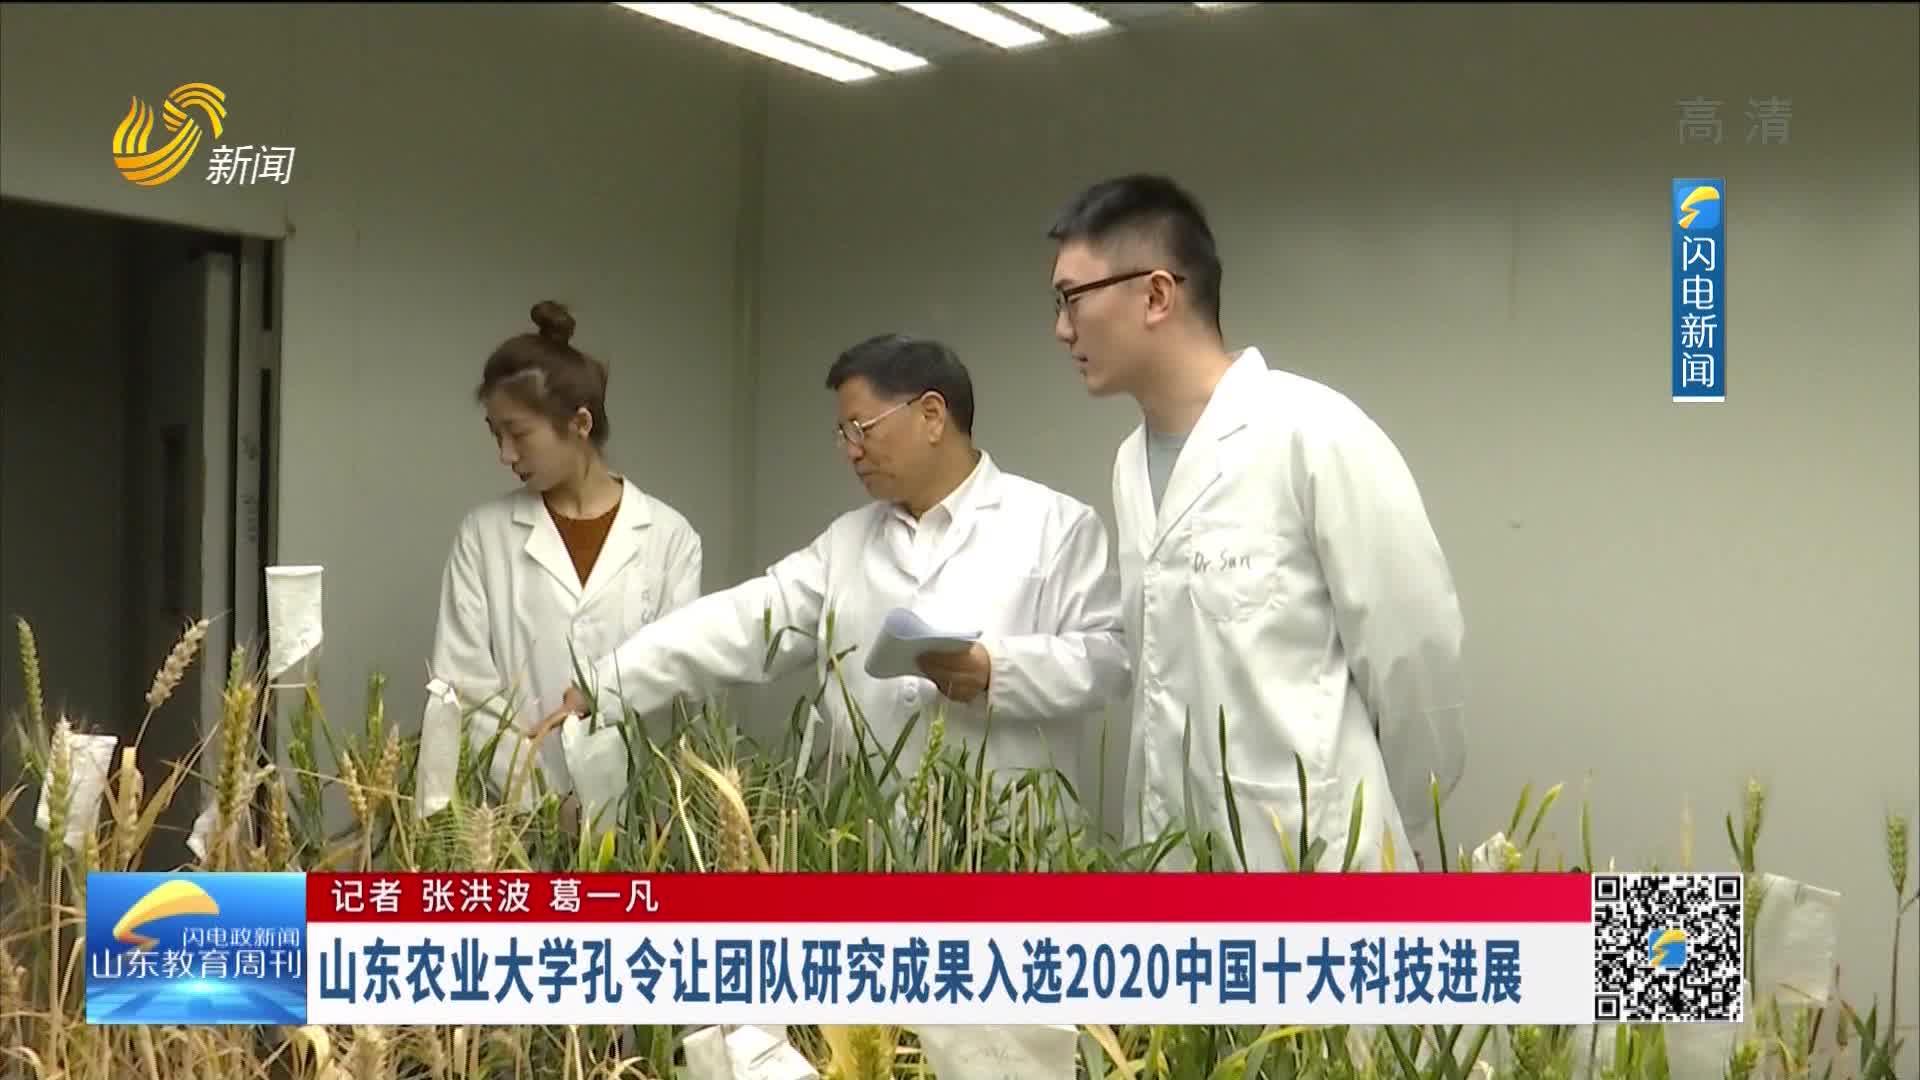 山东农业大学孔令让团队研究成果入选2020中国十大科技进展